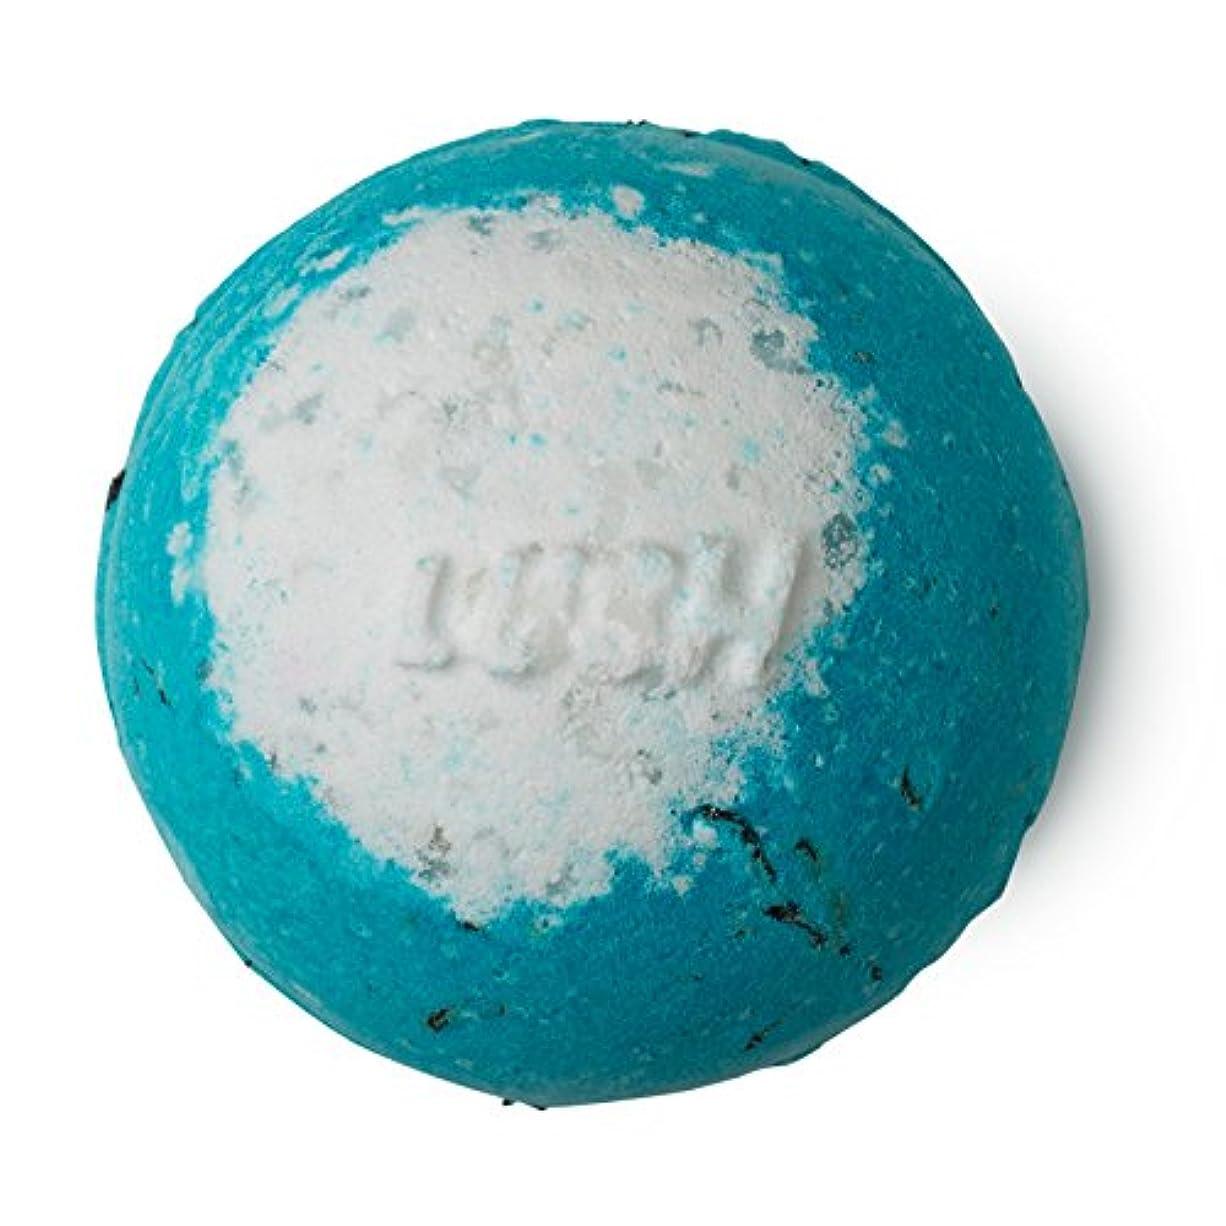 ライオネルグリーンストリート開発行列LUSH ラッシュ RUSHラッシュ 200g バスボム 浴用 シーソルト 入浴剤 ラベンダーオイル 入浴剤 ギフト